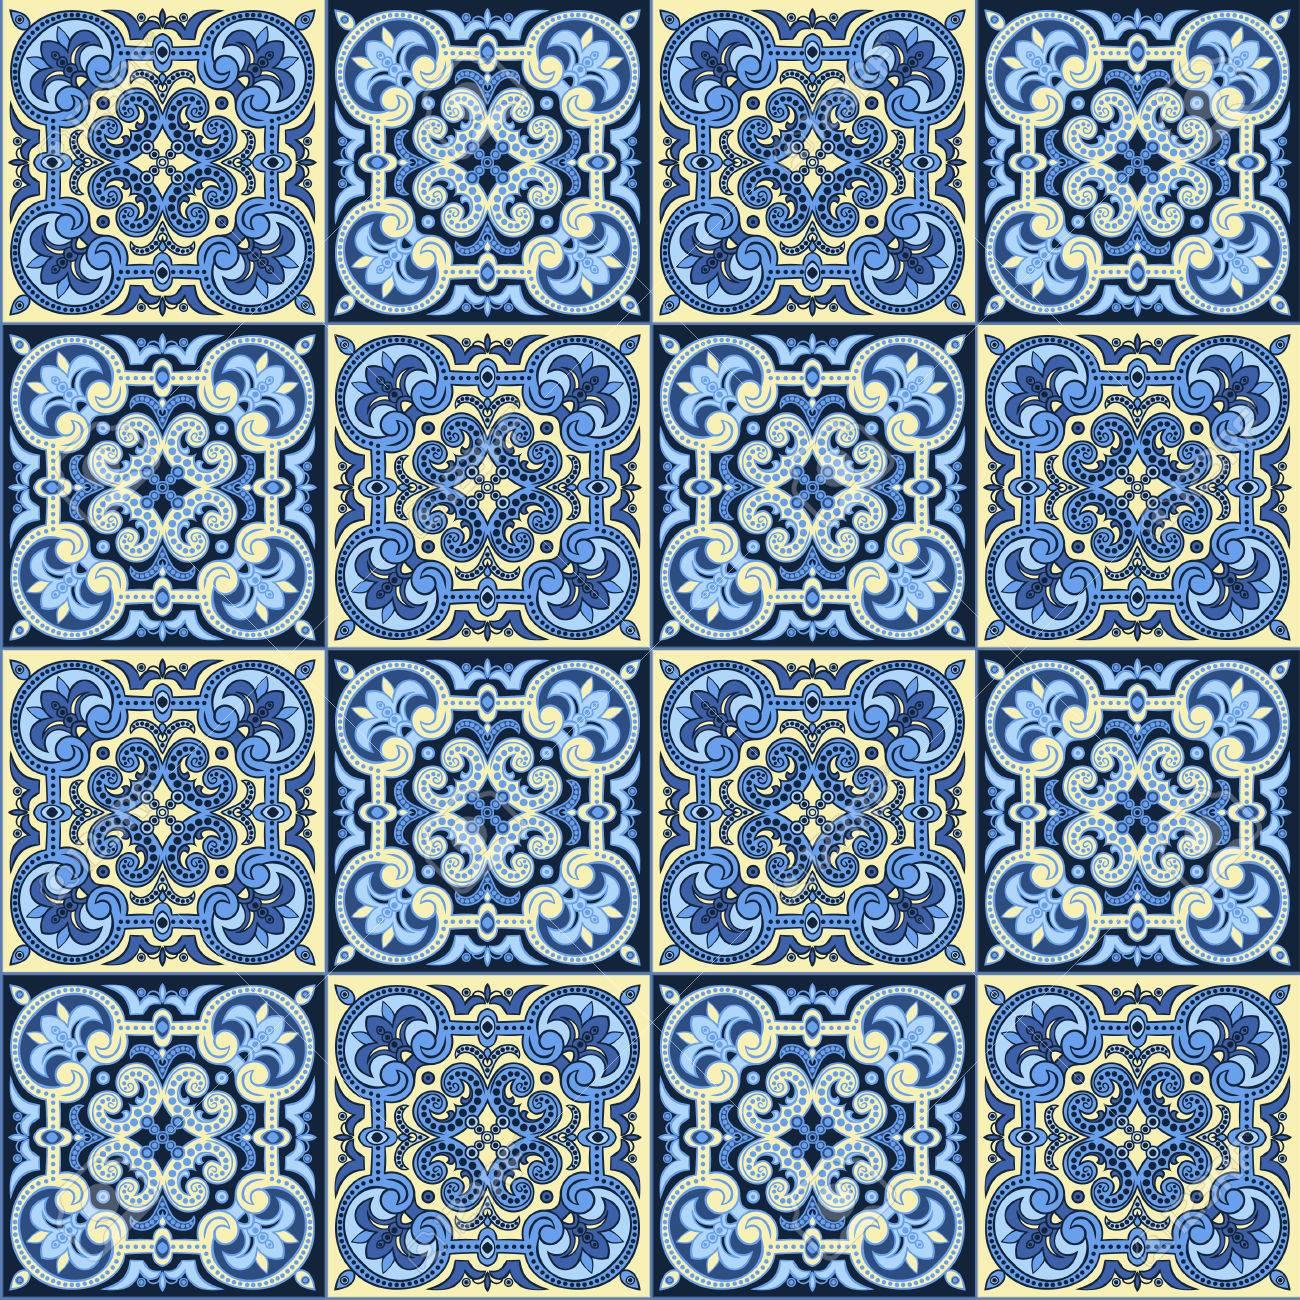 Dibujo A Mano Sin Fisuras Patron De Azulejos En Colores Azul Y - Azulejos-con-dibujos